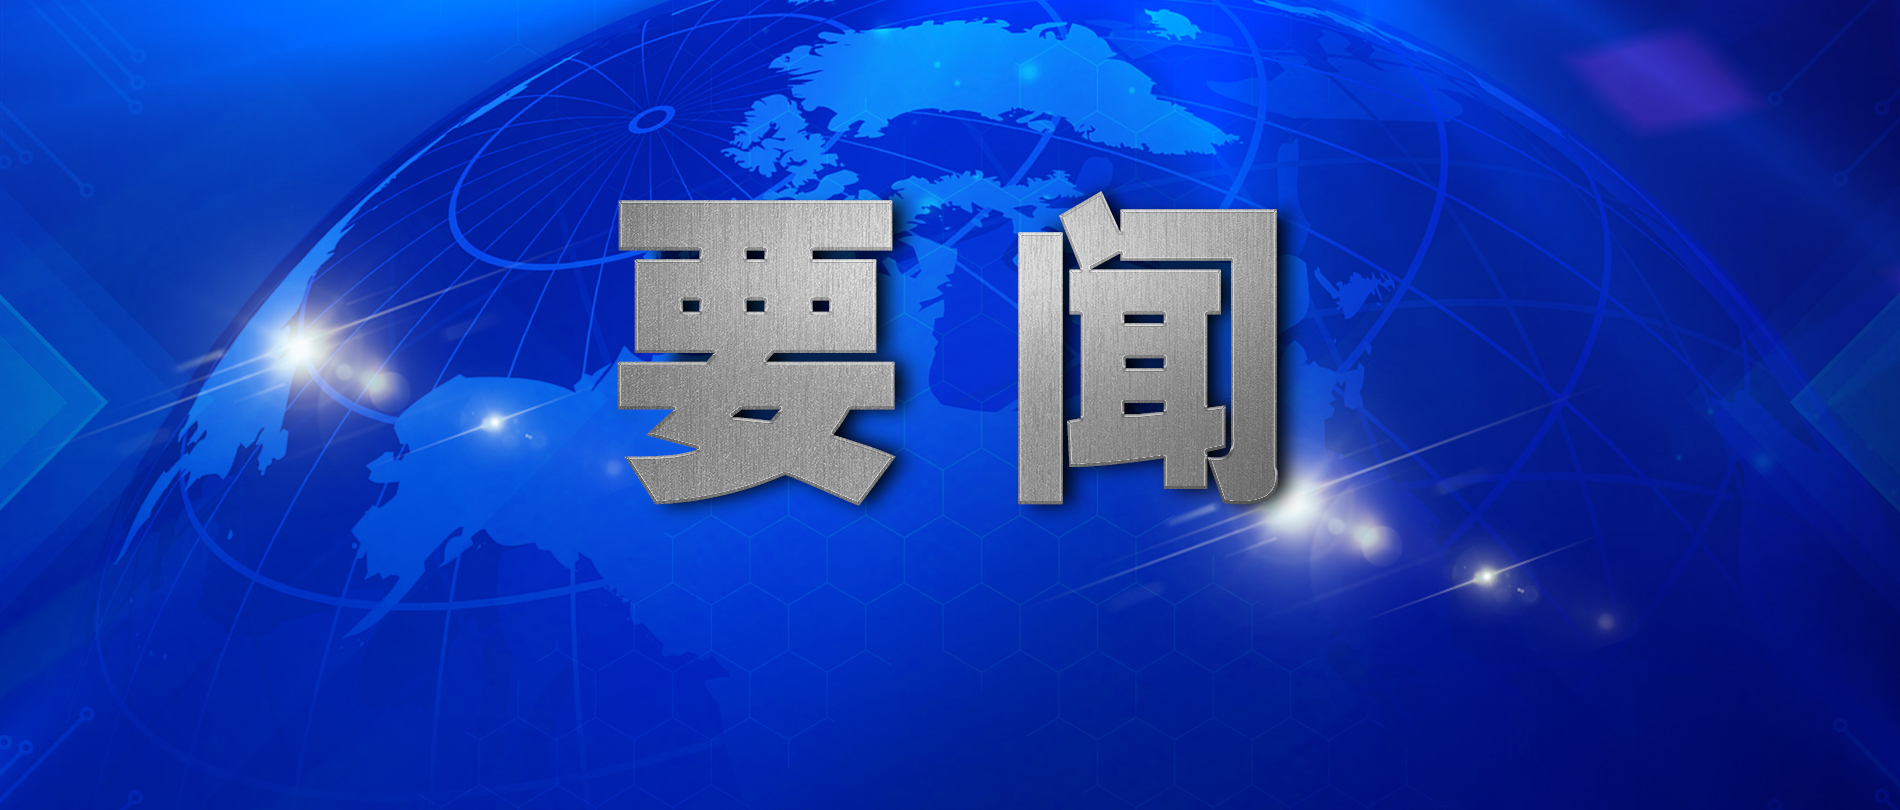 国务院通报:福建省工程质量监管平台管理混乱、违规监测